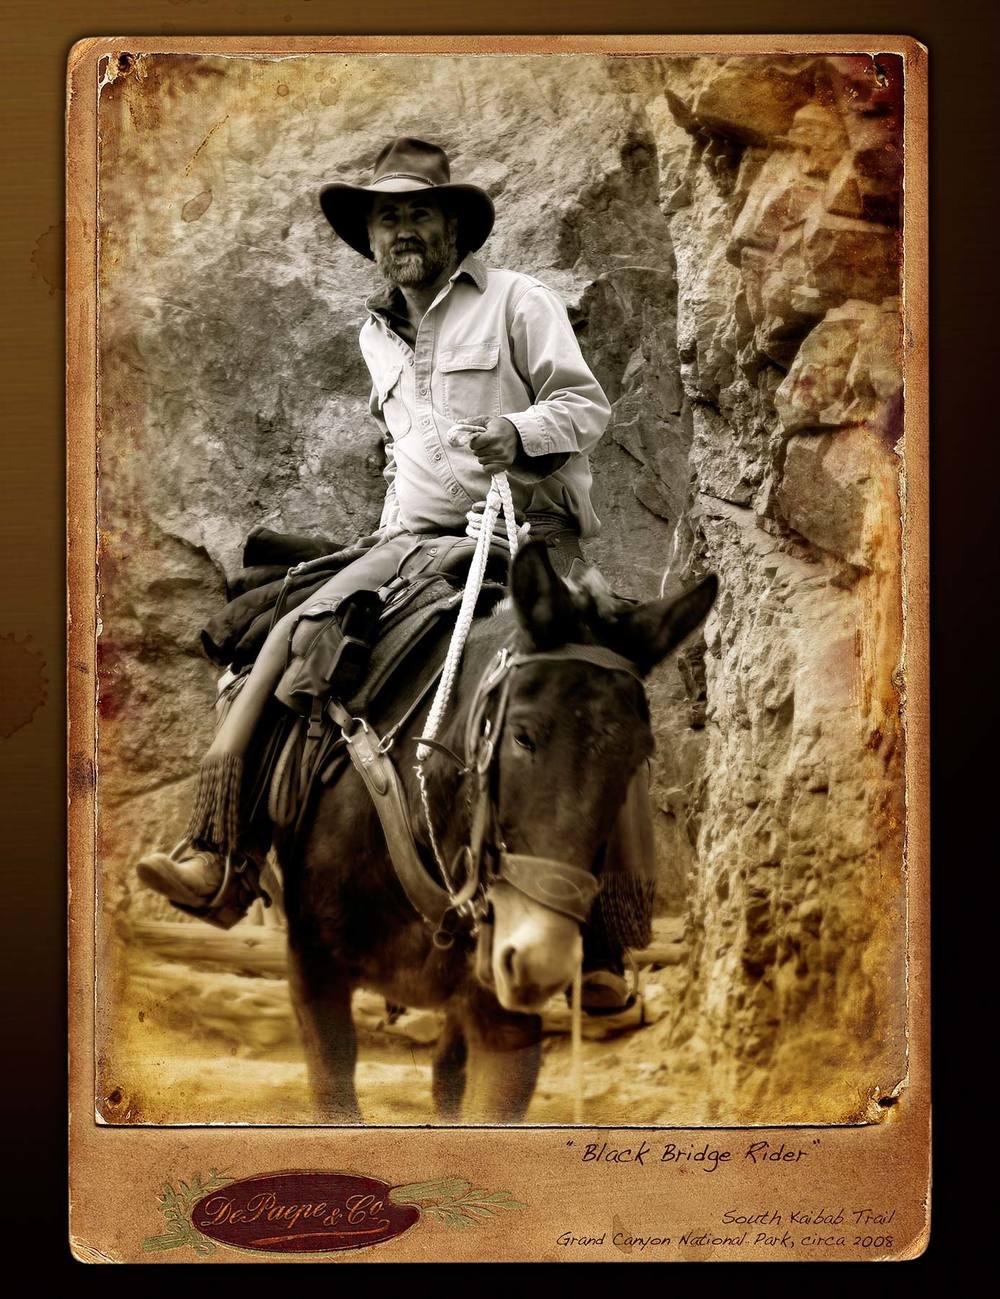 IMG_0960_2-Cowboy-B&W.jpg